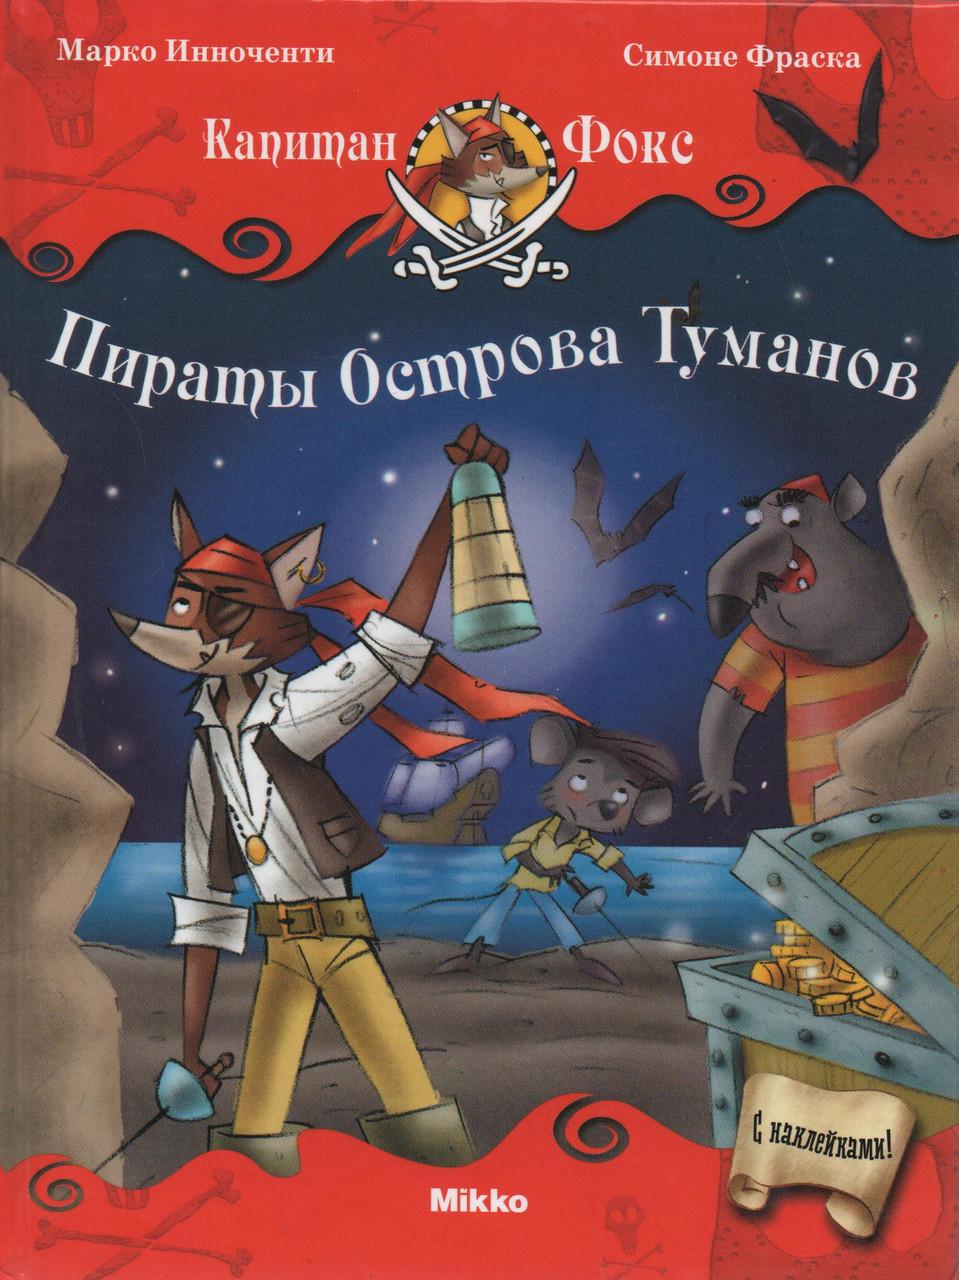 Пираты Острова Туманов (книга-1). Марко Инноченти, Симоне Фраска